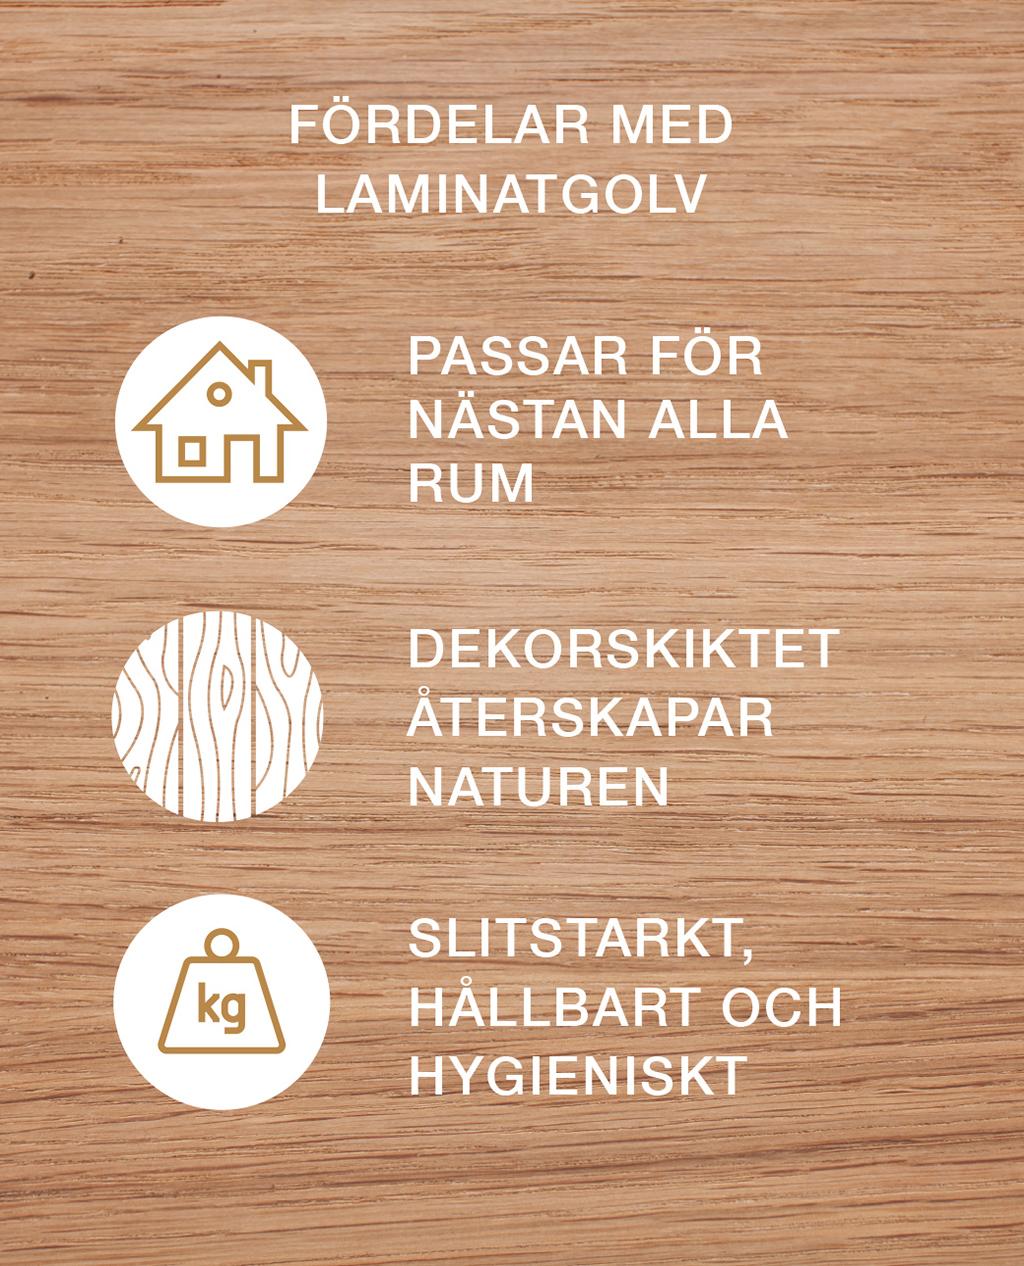 Pergo-infographic-fordelar-med-laminatgolv